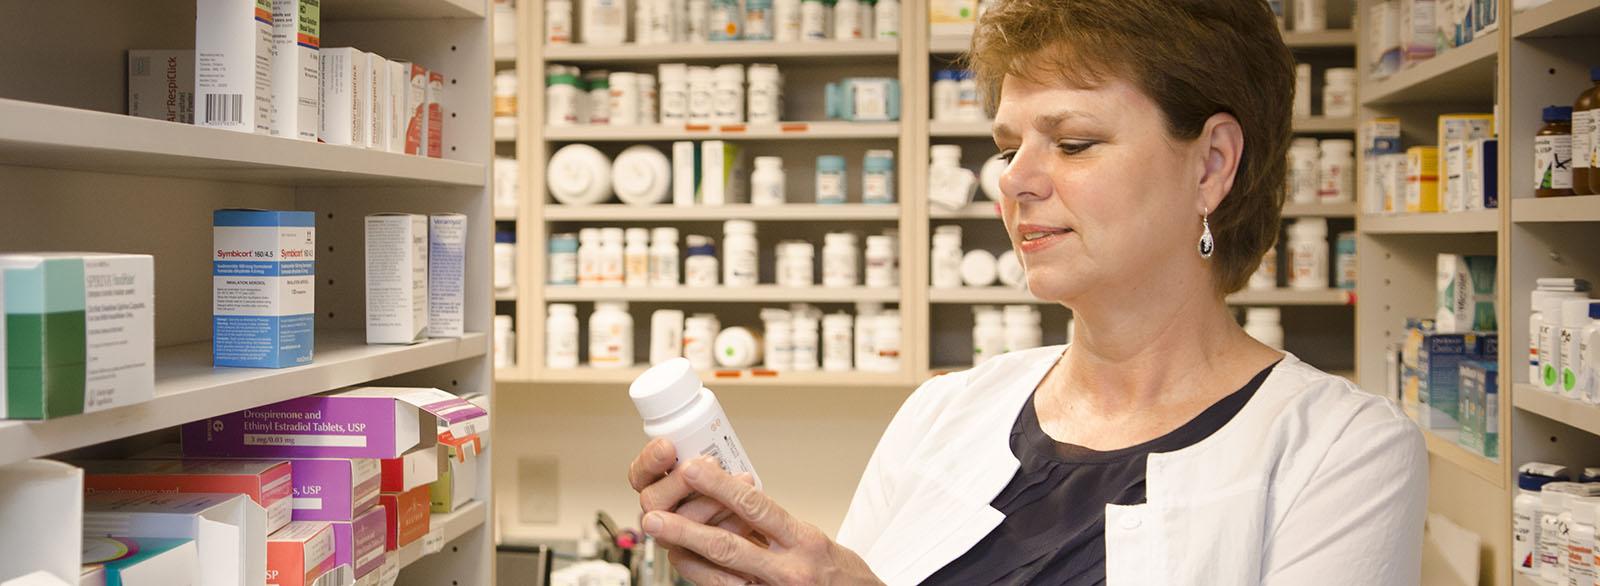 VIMCare pharmacist reading label on bottle of medicine